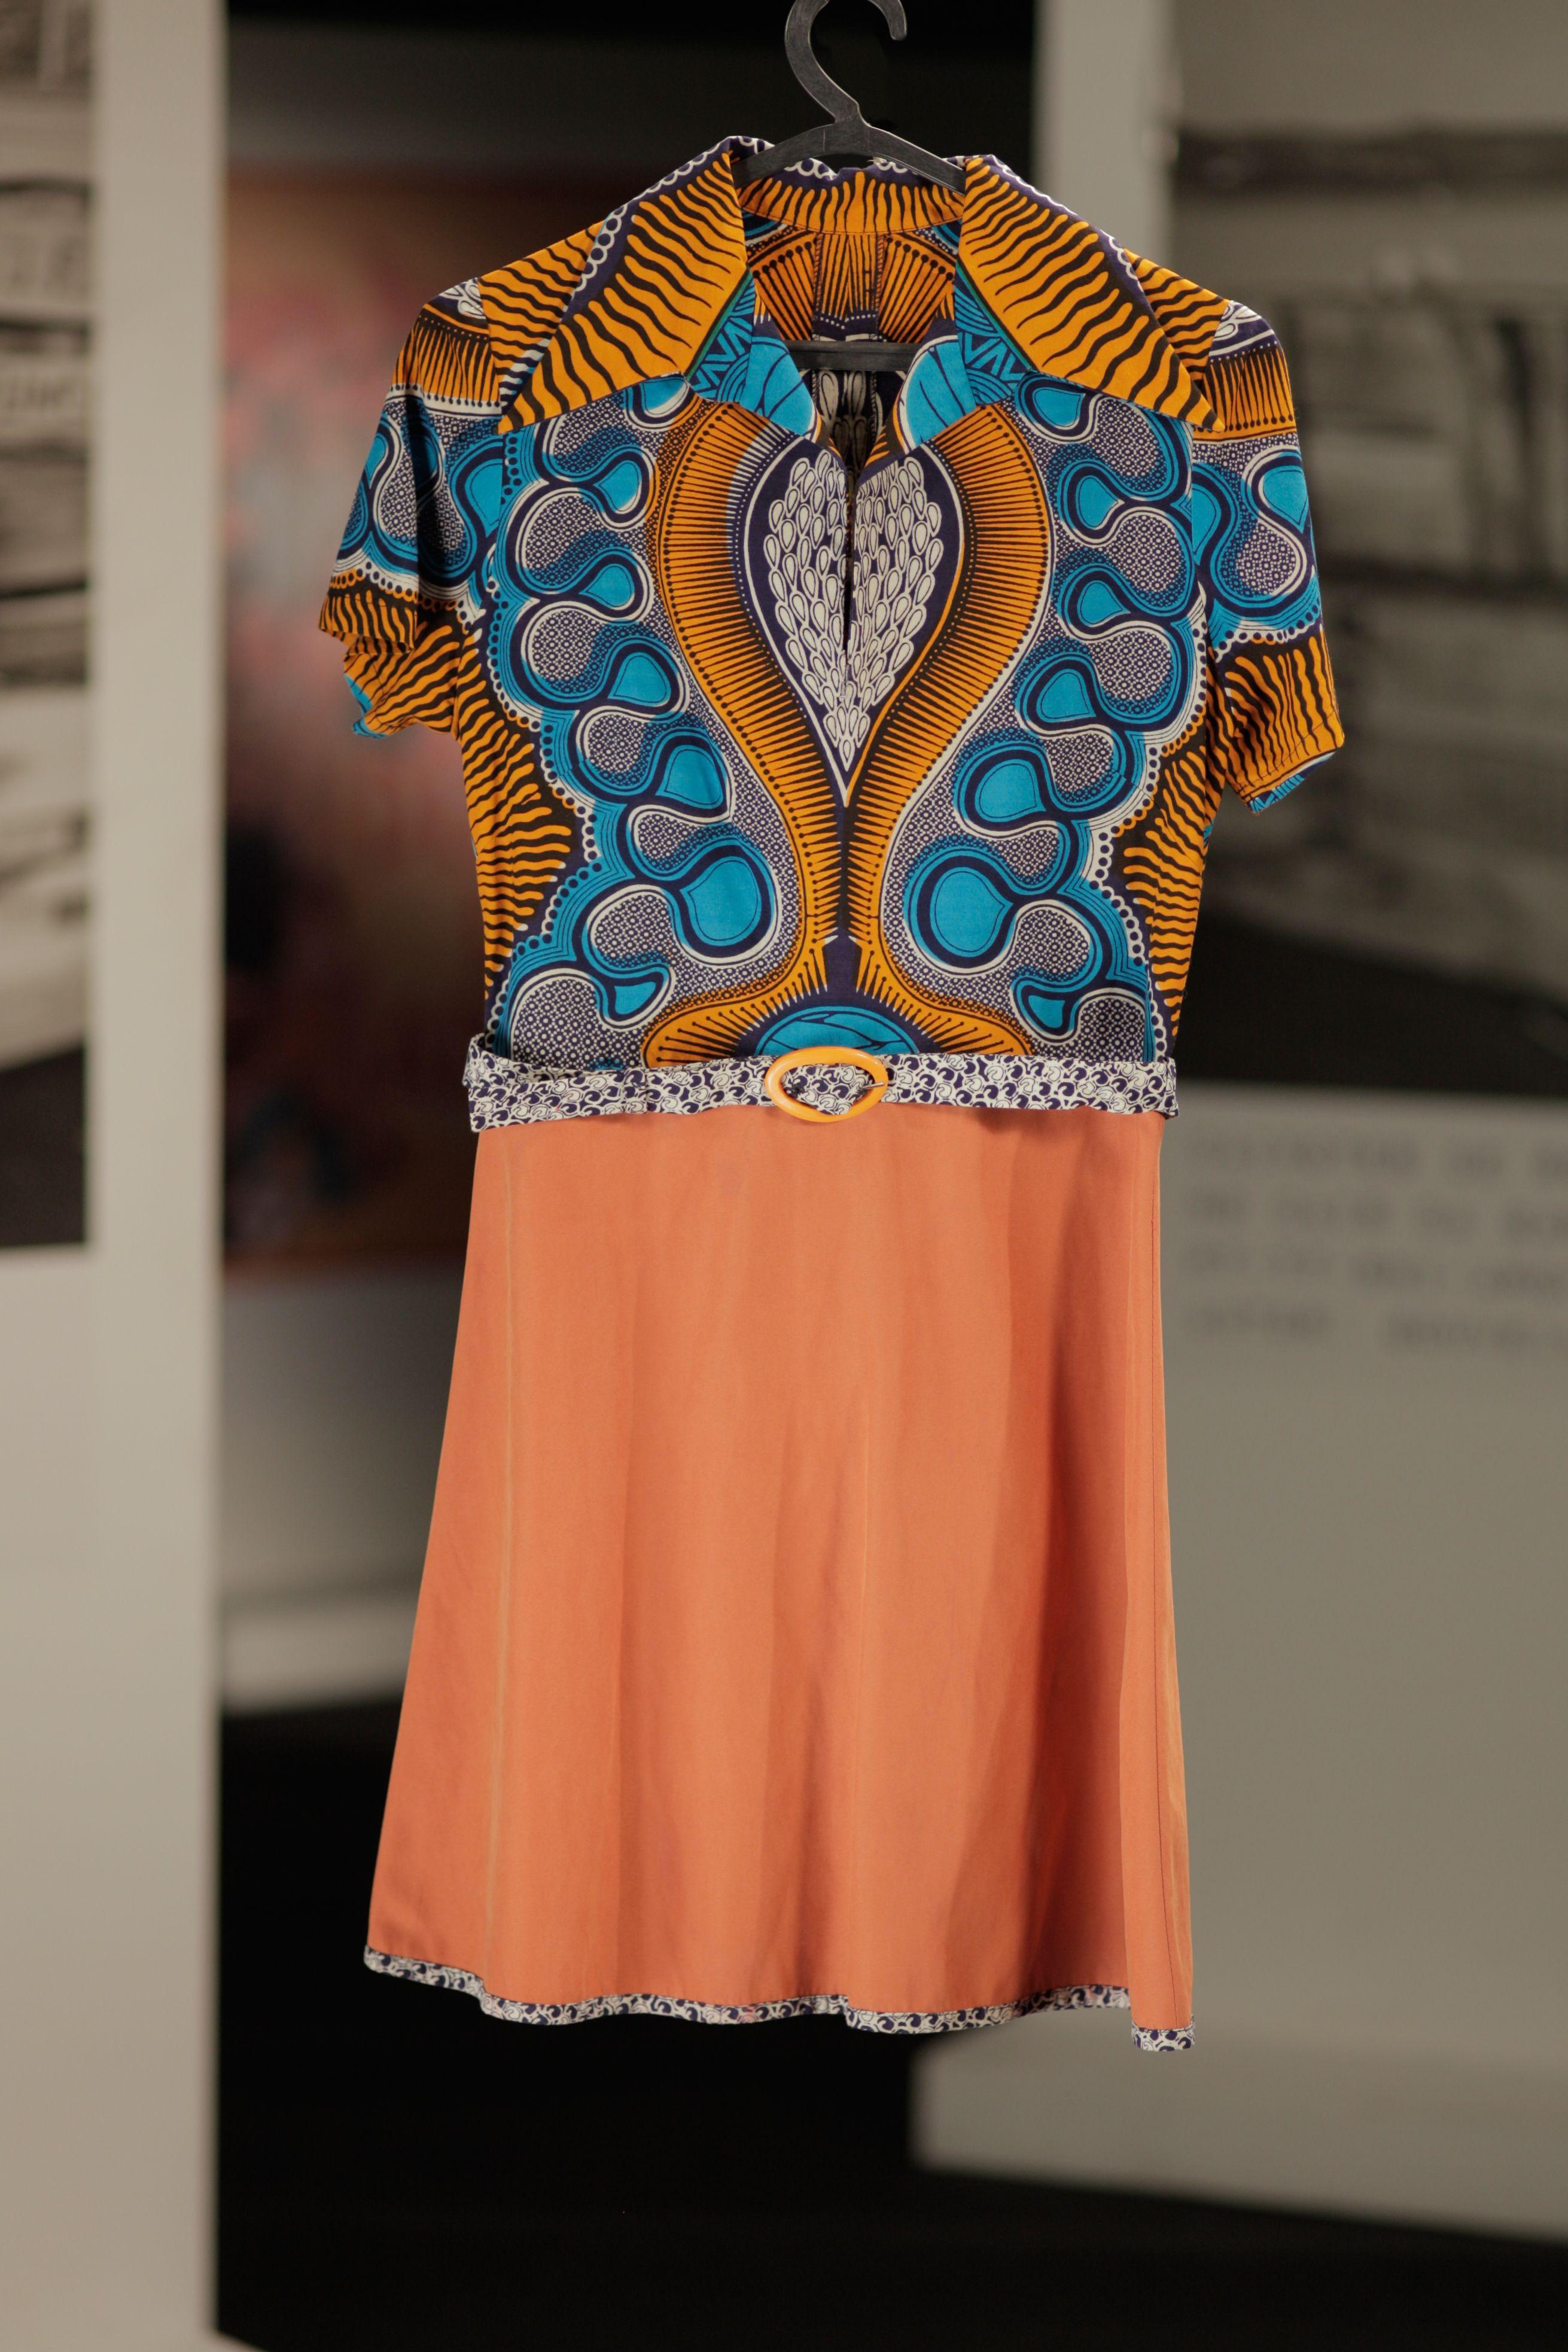 Vestido laranja com padrão azul e formas geométricas africanas, cintado, de Ana Maria na série Depois do Adeus